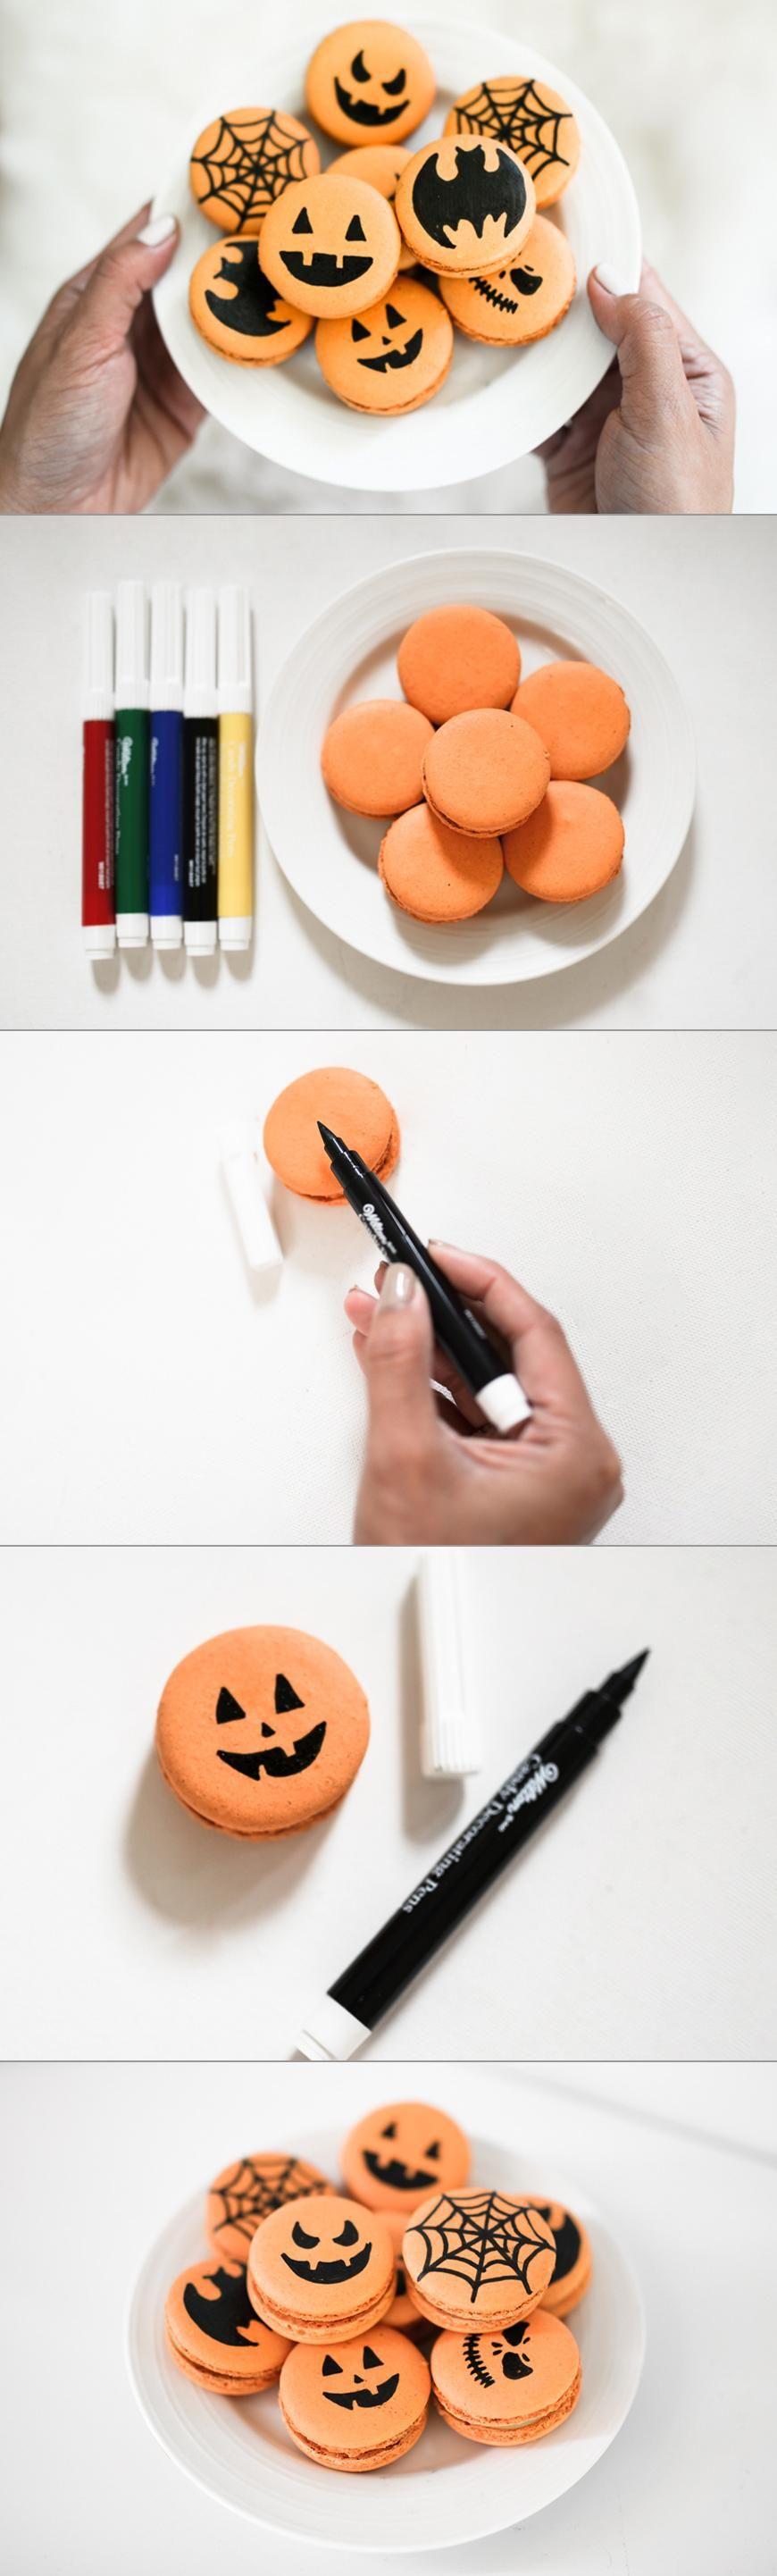 DIY Halloween Macarons